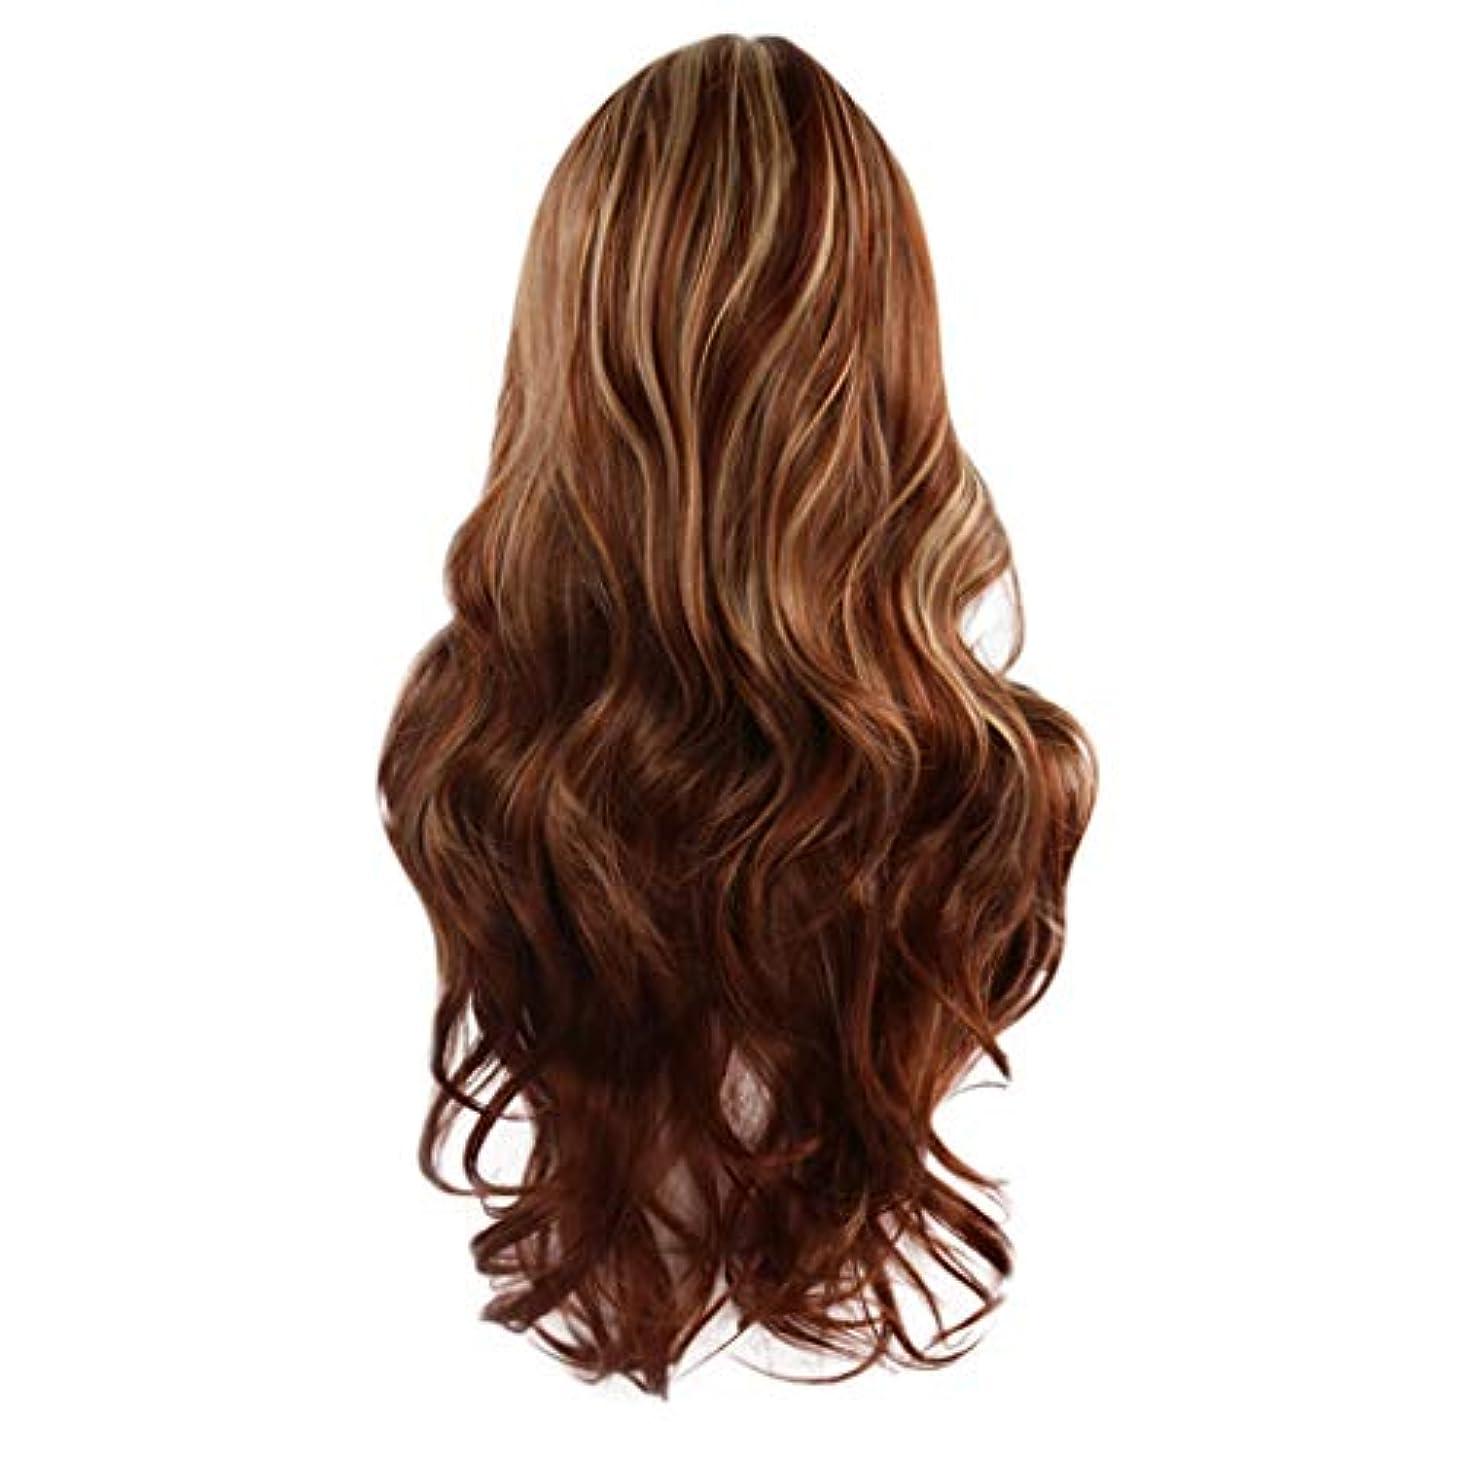 革新気難しい修理工女性の茶色の長いウェーブのかかった巻き毛のかつらフルウィッグローズネット